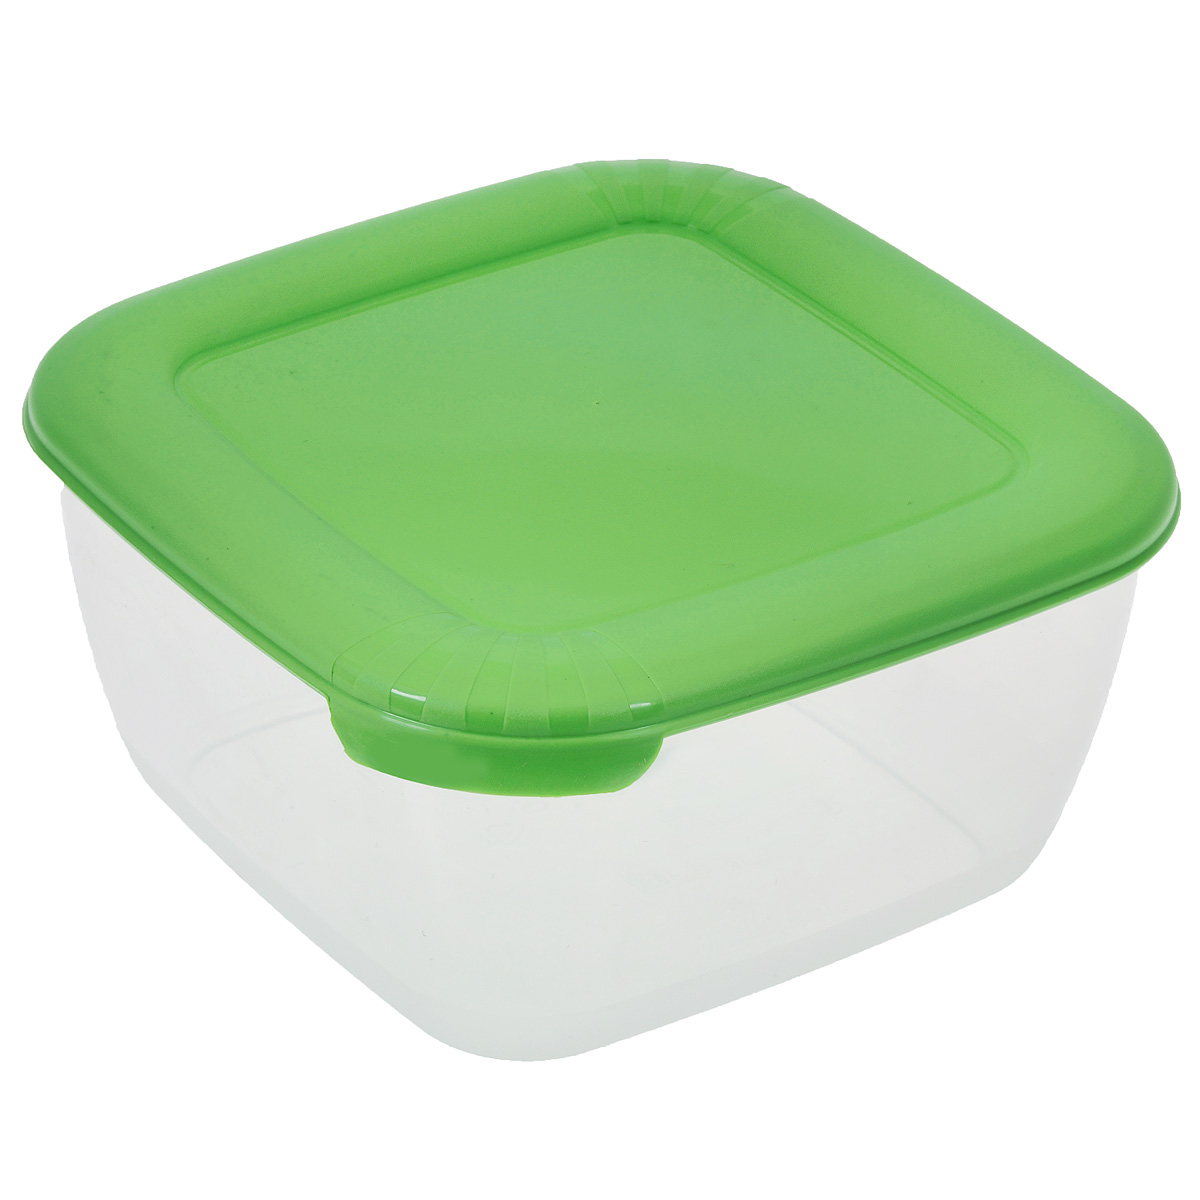 Контейнер для СВЧ Полимербыт Лайт, цвет: прозрачный, зеленый, 950 млVT-1520(SR)Контейнер Полимербыт Лайт квадратной формы, изготовленный из прочного пластика, предназначен специально для хранения пищевых продуктов. Крышка легко открывается и плотно закрывается.Контейнер устойчив к воздействию масел и жиров, легко моется. Прозрачные стенки позволяют видеть содержимое. Контейнер имеет возможность хранения продуктов глубокой заморозки, обладает высокой прочностью. Можно мыть в посудомоечной машине.Контейнер подходит для использования в микроволновой печи без крышки, а также для заморозки в морозильной камере.